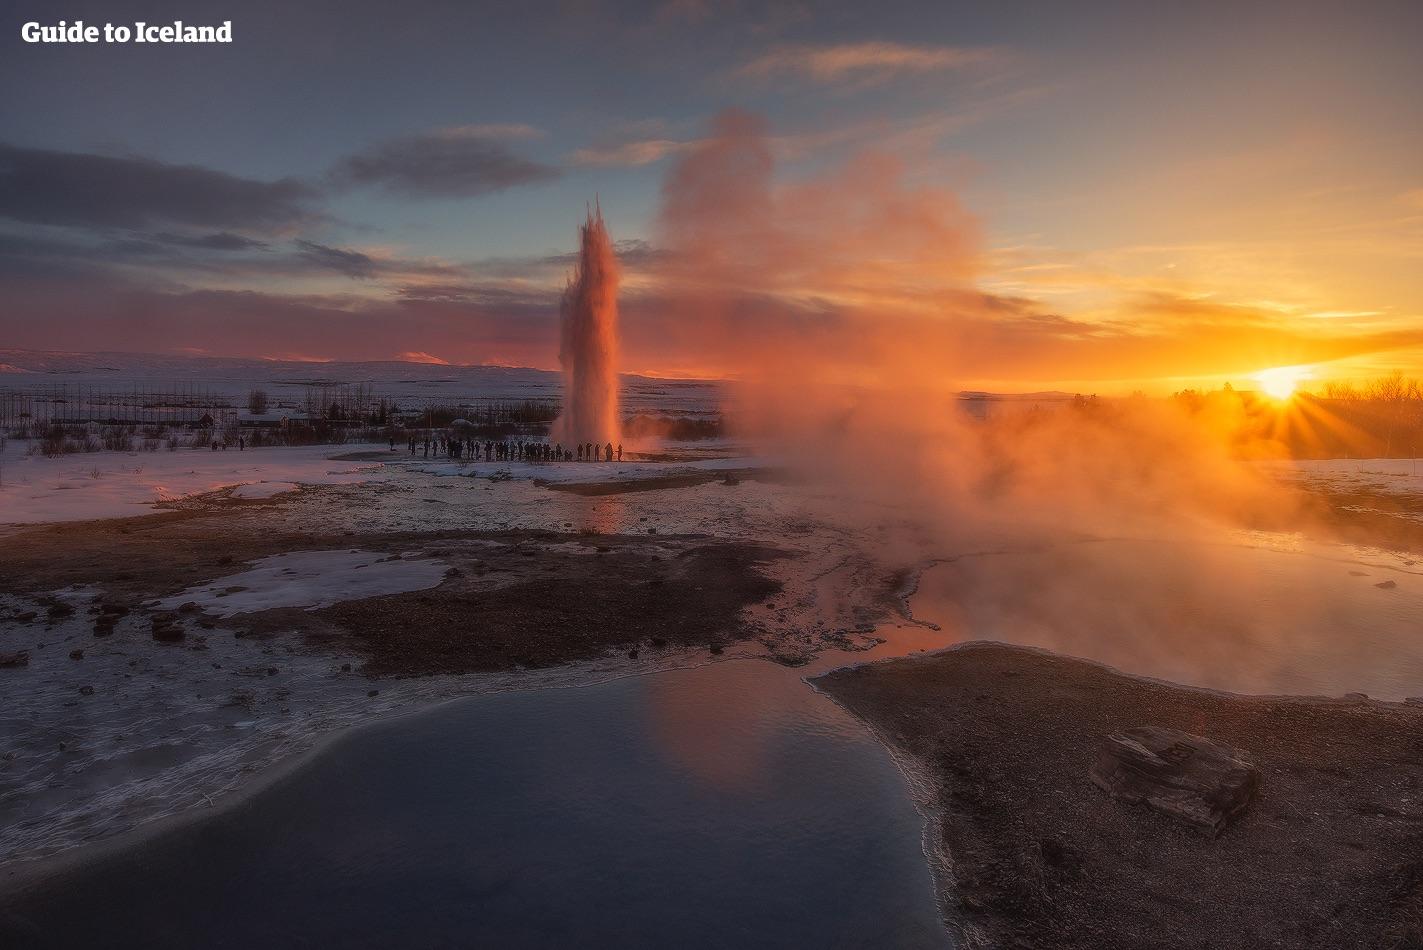 Effekterne i den konstante 'skumring', som de få solskinstimer i løbet af den islandske vinter giver, åbner op for at tage blændende fotos på steder som det geotermiske Geysir-område i Sydisland.